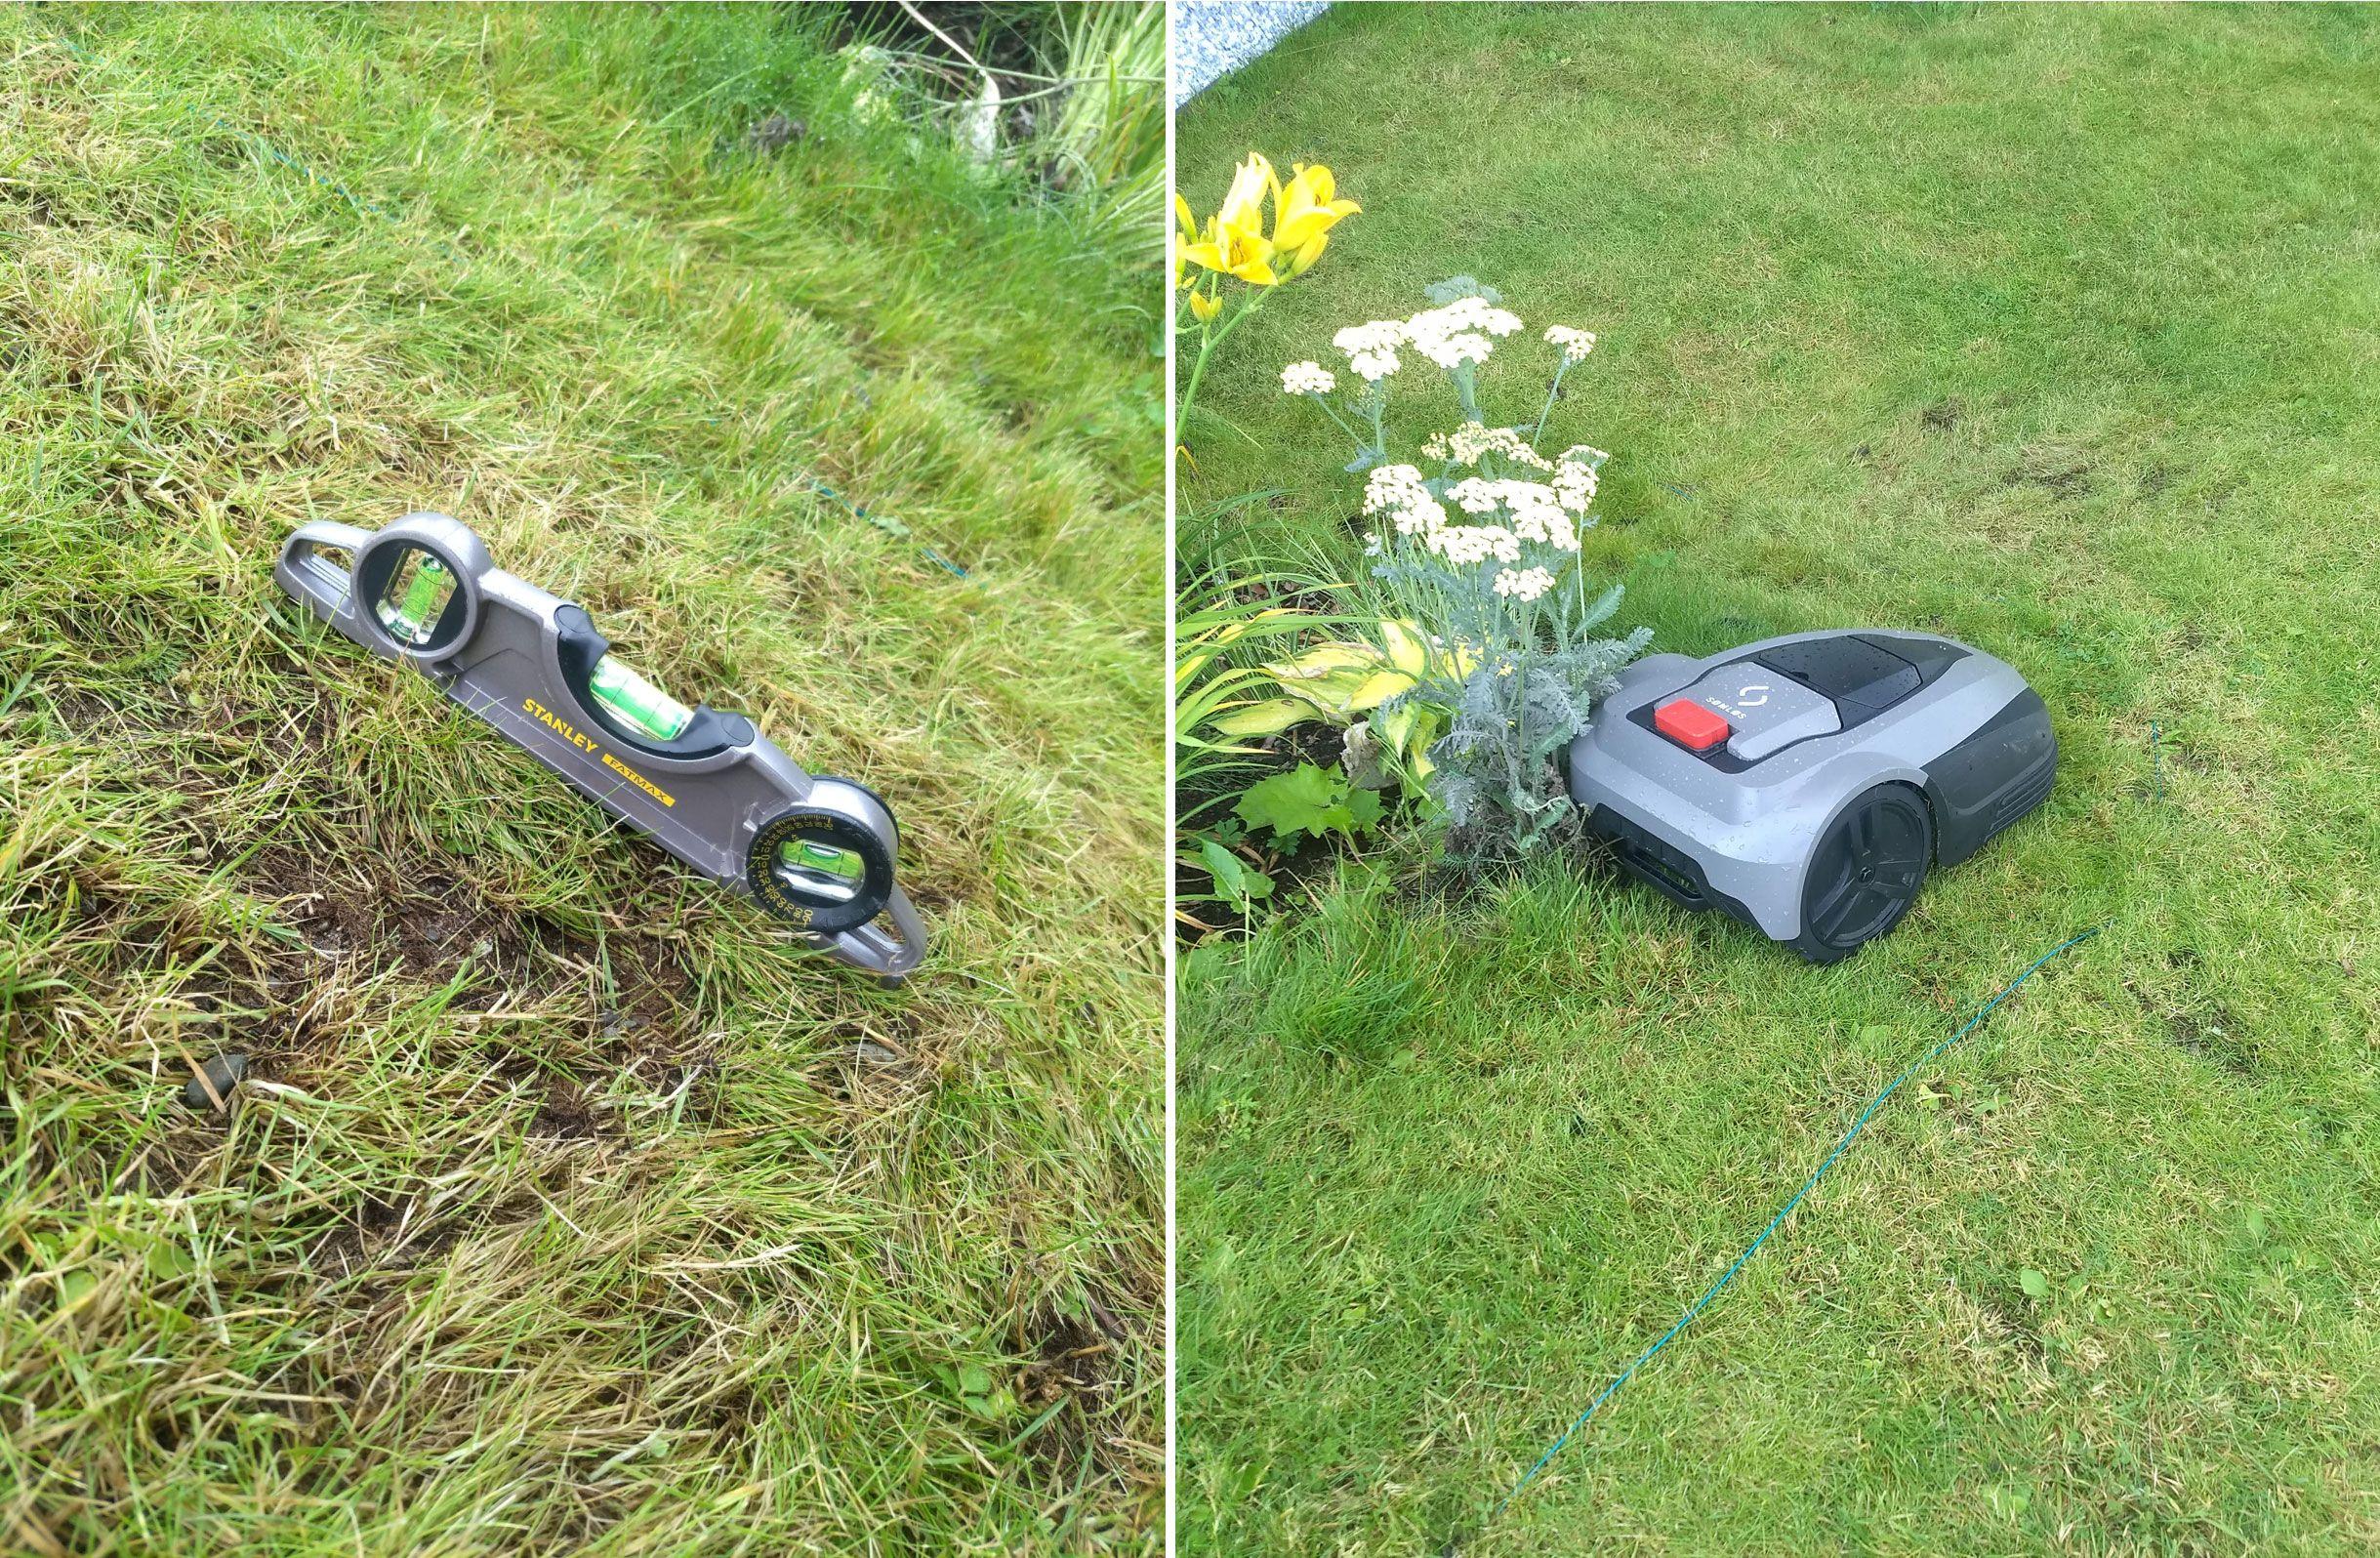 Terje Klungervik har sjekket med vater at bakken i hagen er innenfor det Sømløs hevder at G1 skal takle. Likevel opplever han stadig vekk at klipperen ikke klarer å klippe gresset skikkelig.